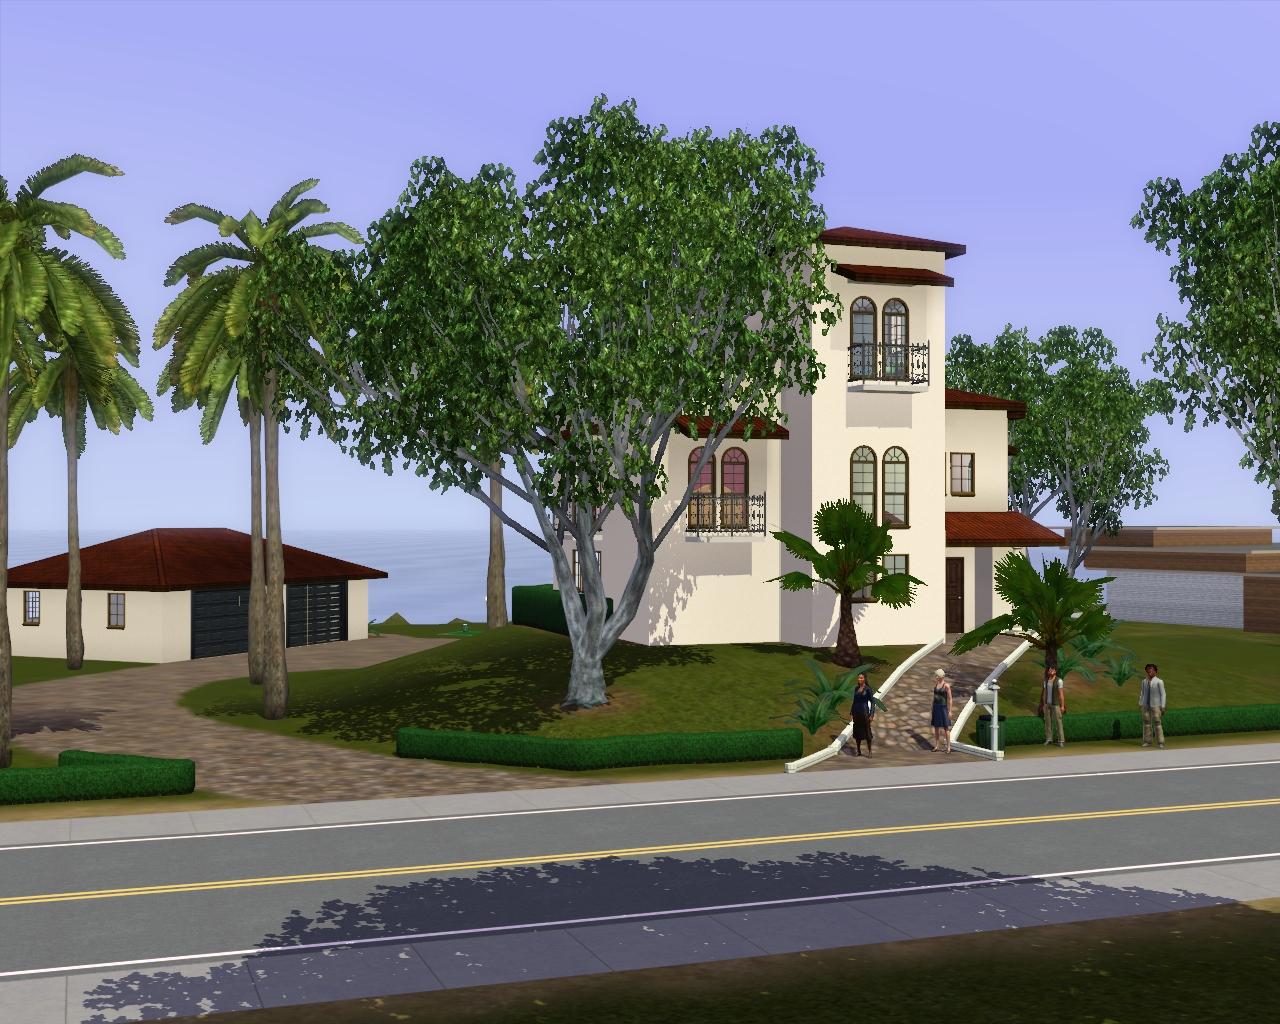 Summer's Little Sims 3 Garden: Starlight Shores (The Sims 3